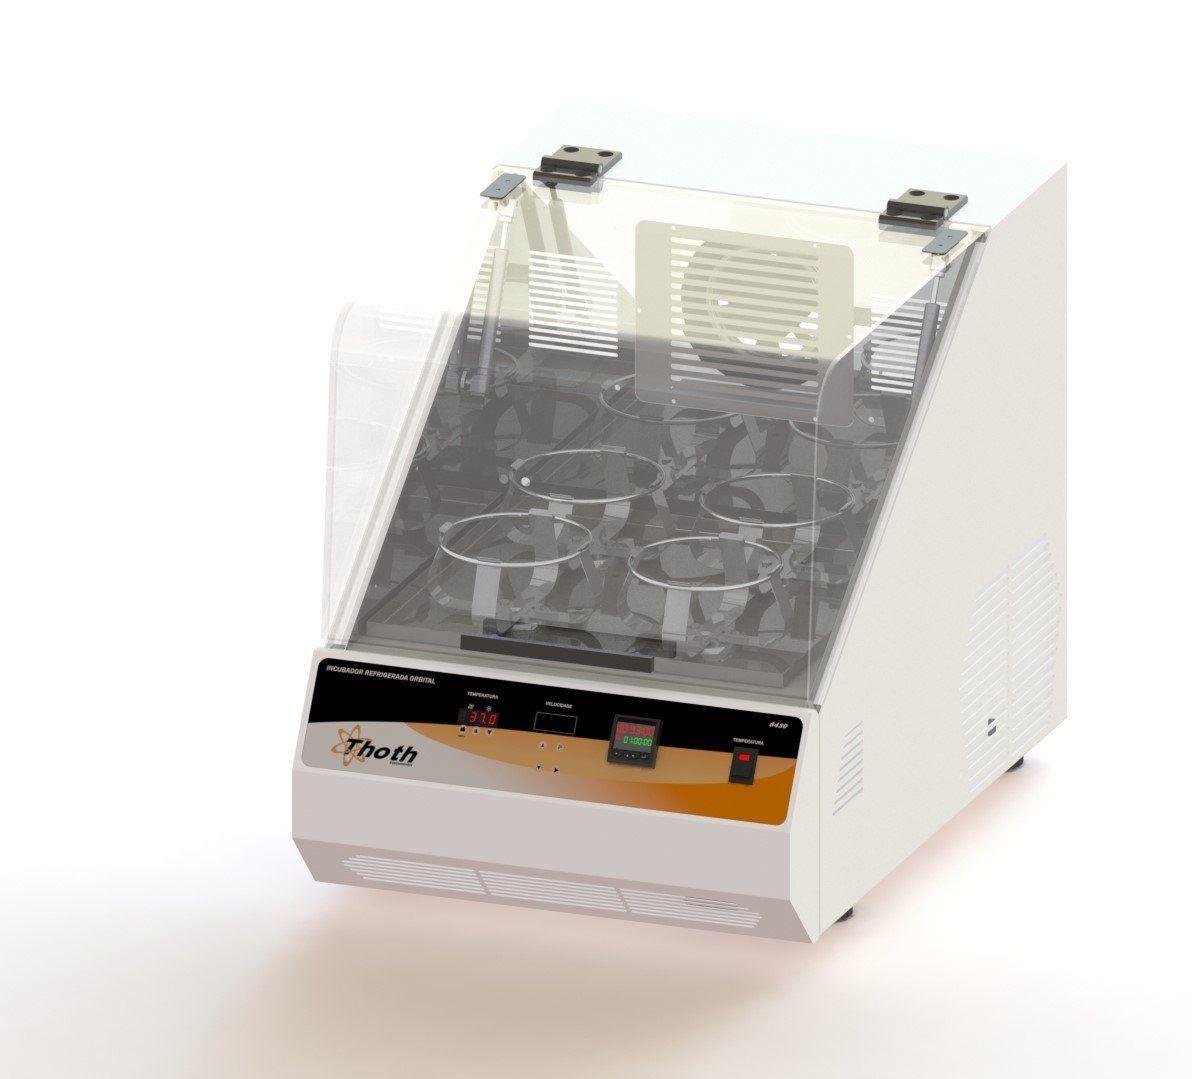 Incubadora refrigerada com agitação orbital shaker de bancada com timer 84 litros toth, 220 v.